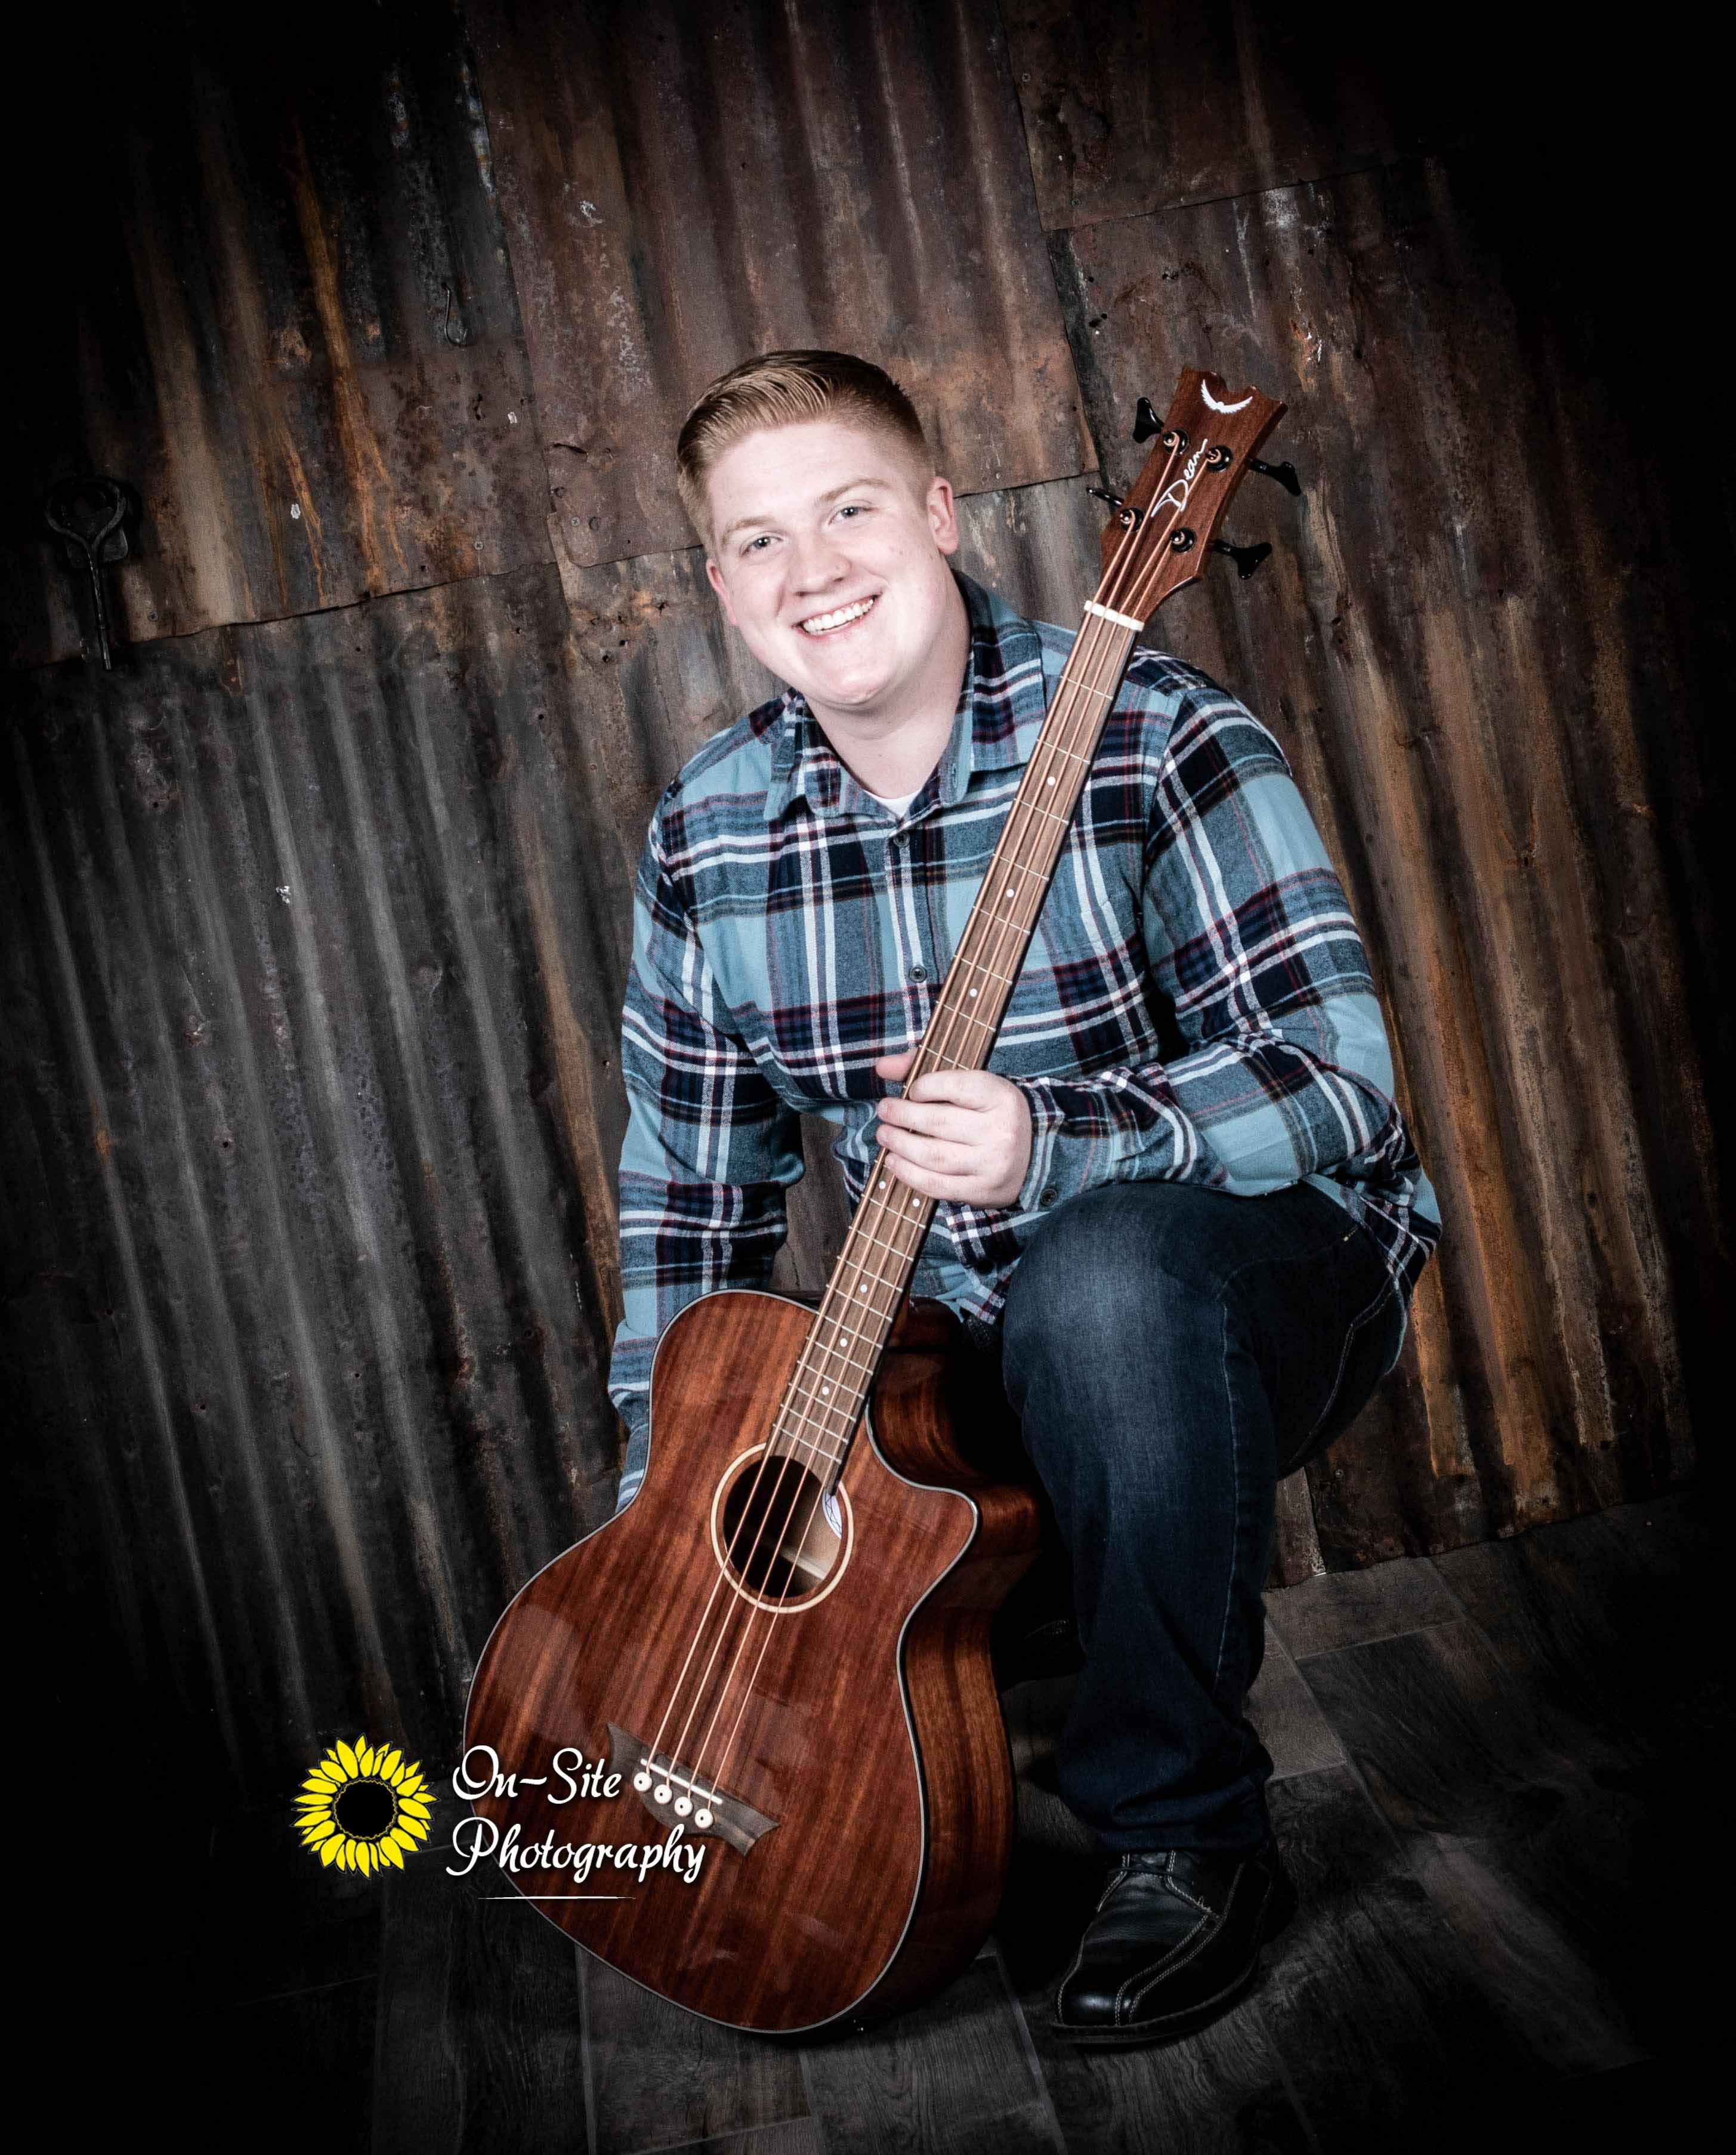 senior photoshoot boy with guitar, senio